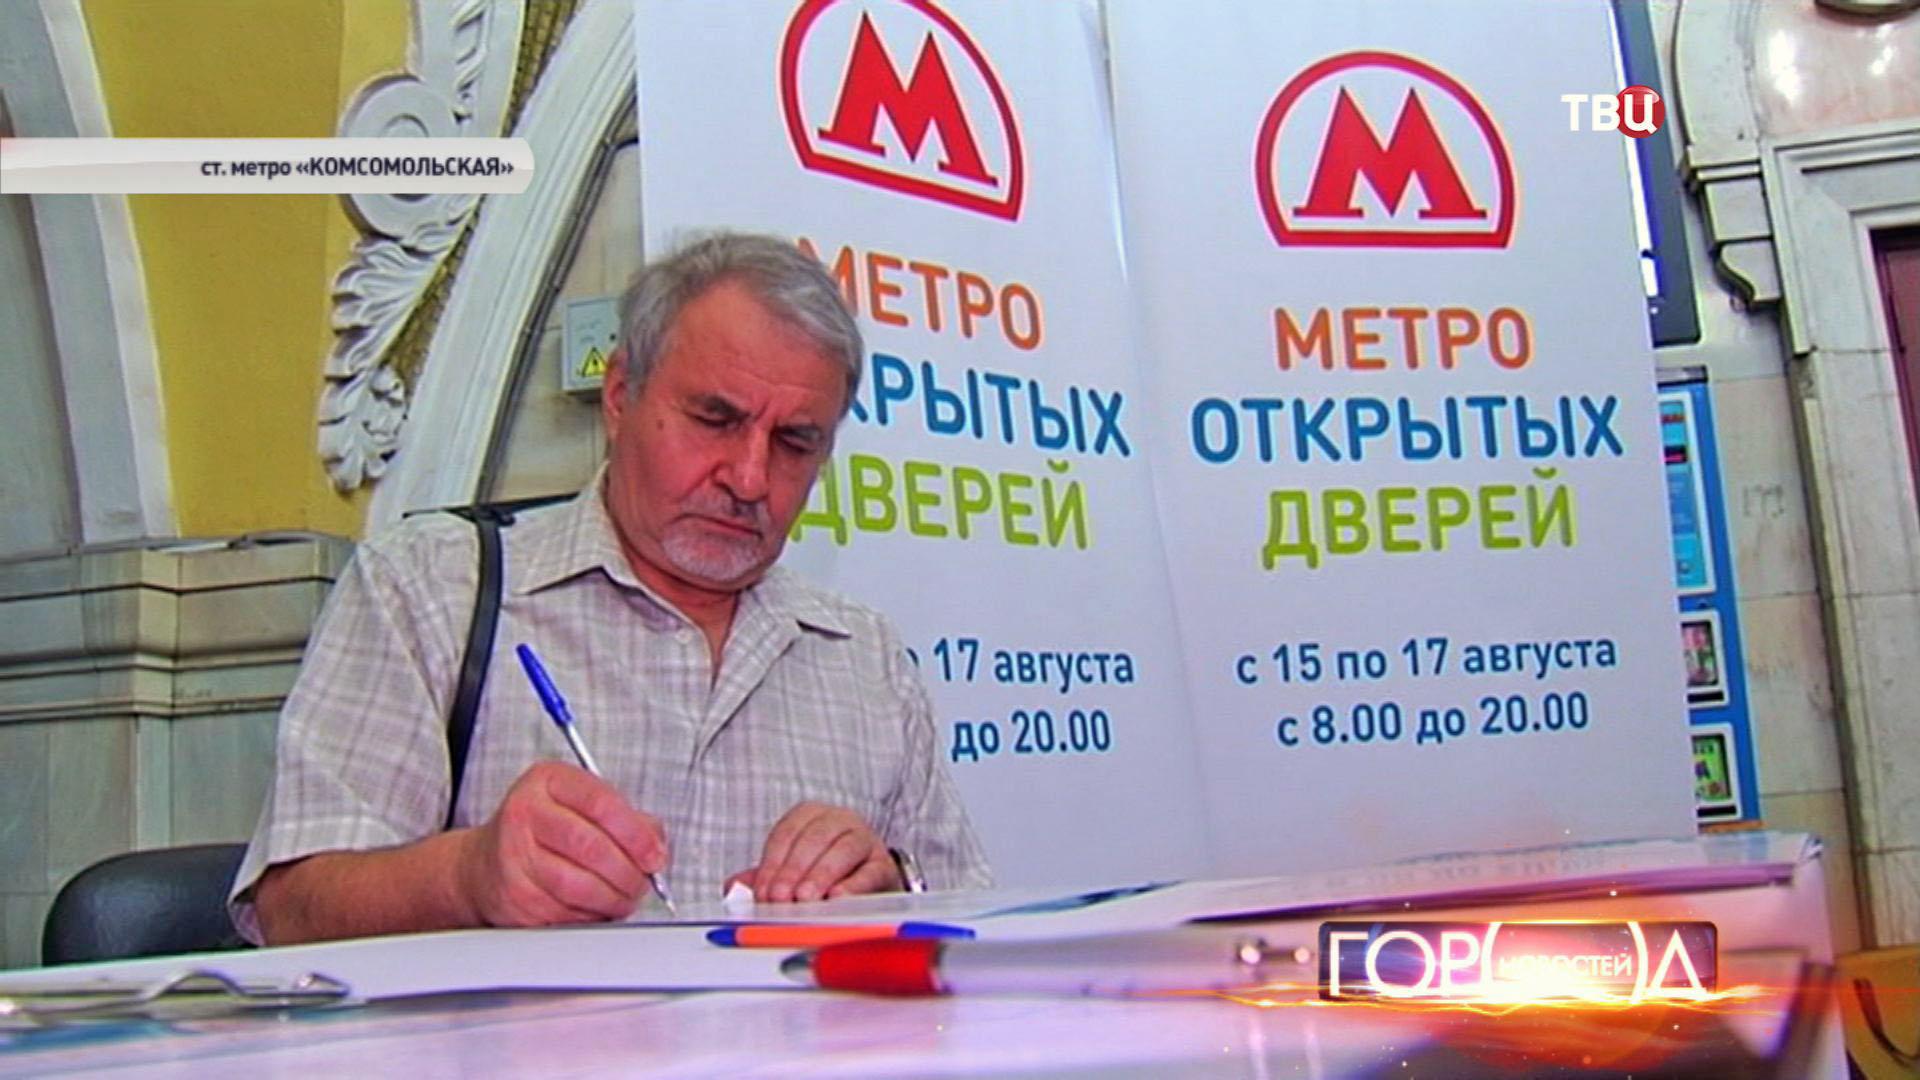 """Акция """"Метро открытых дверей"""""""